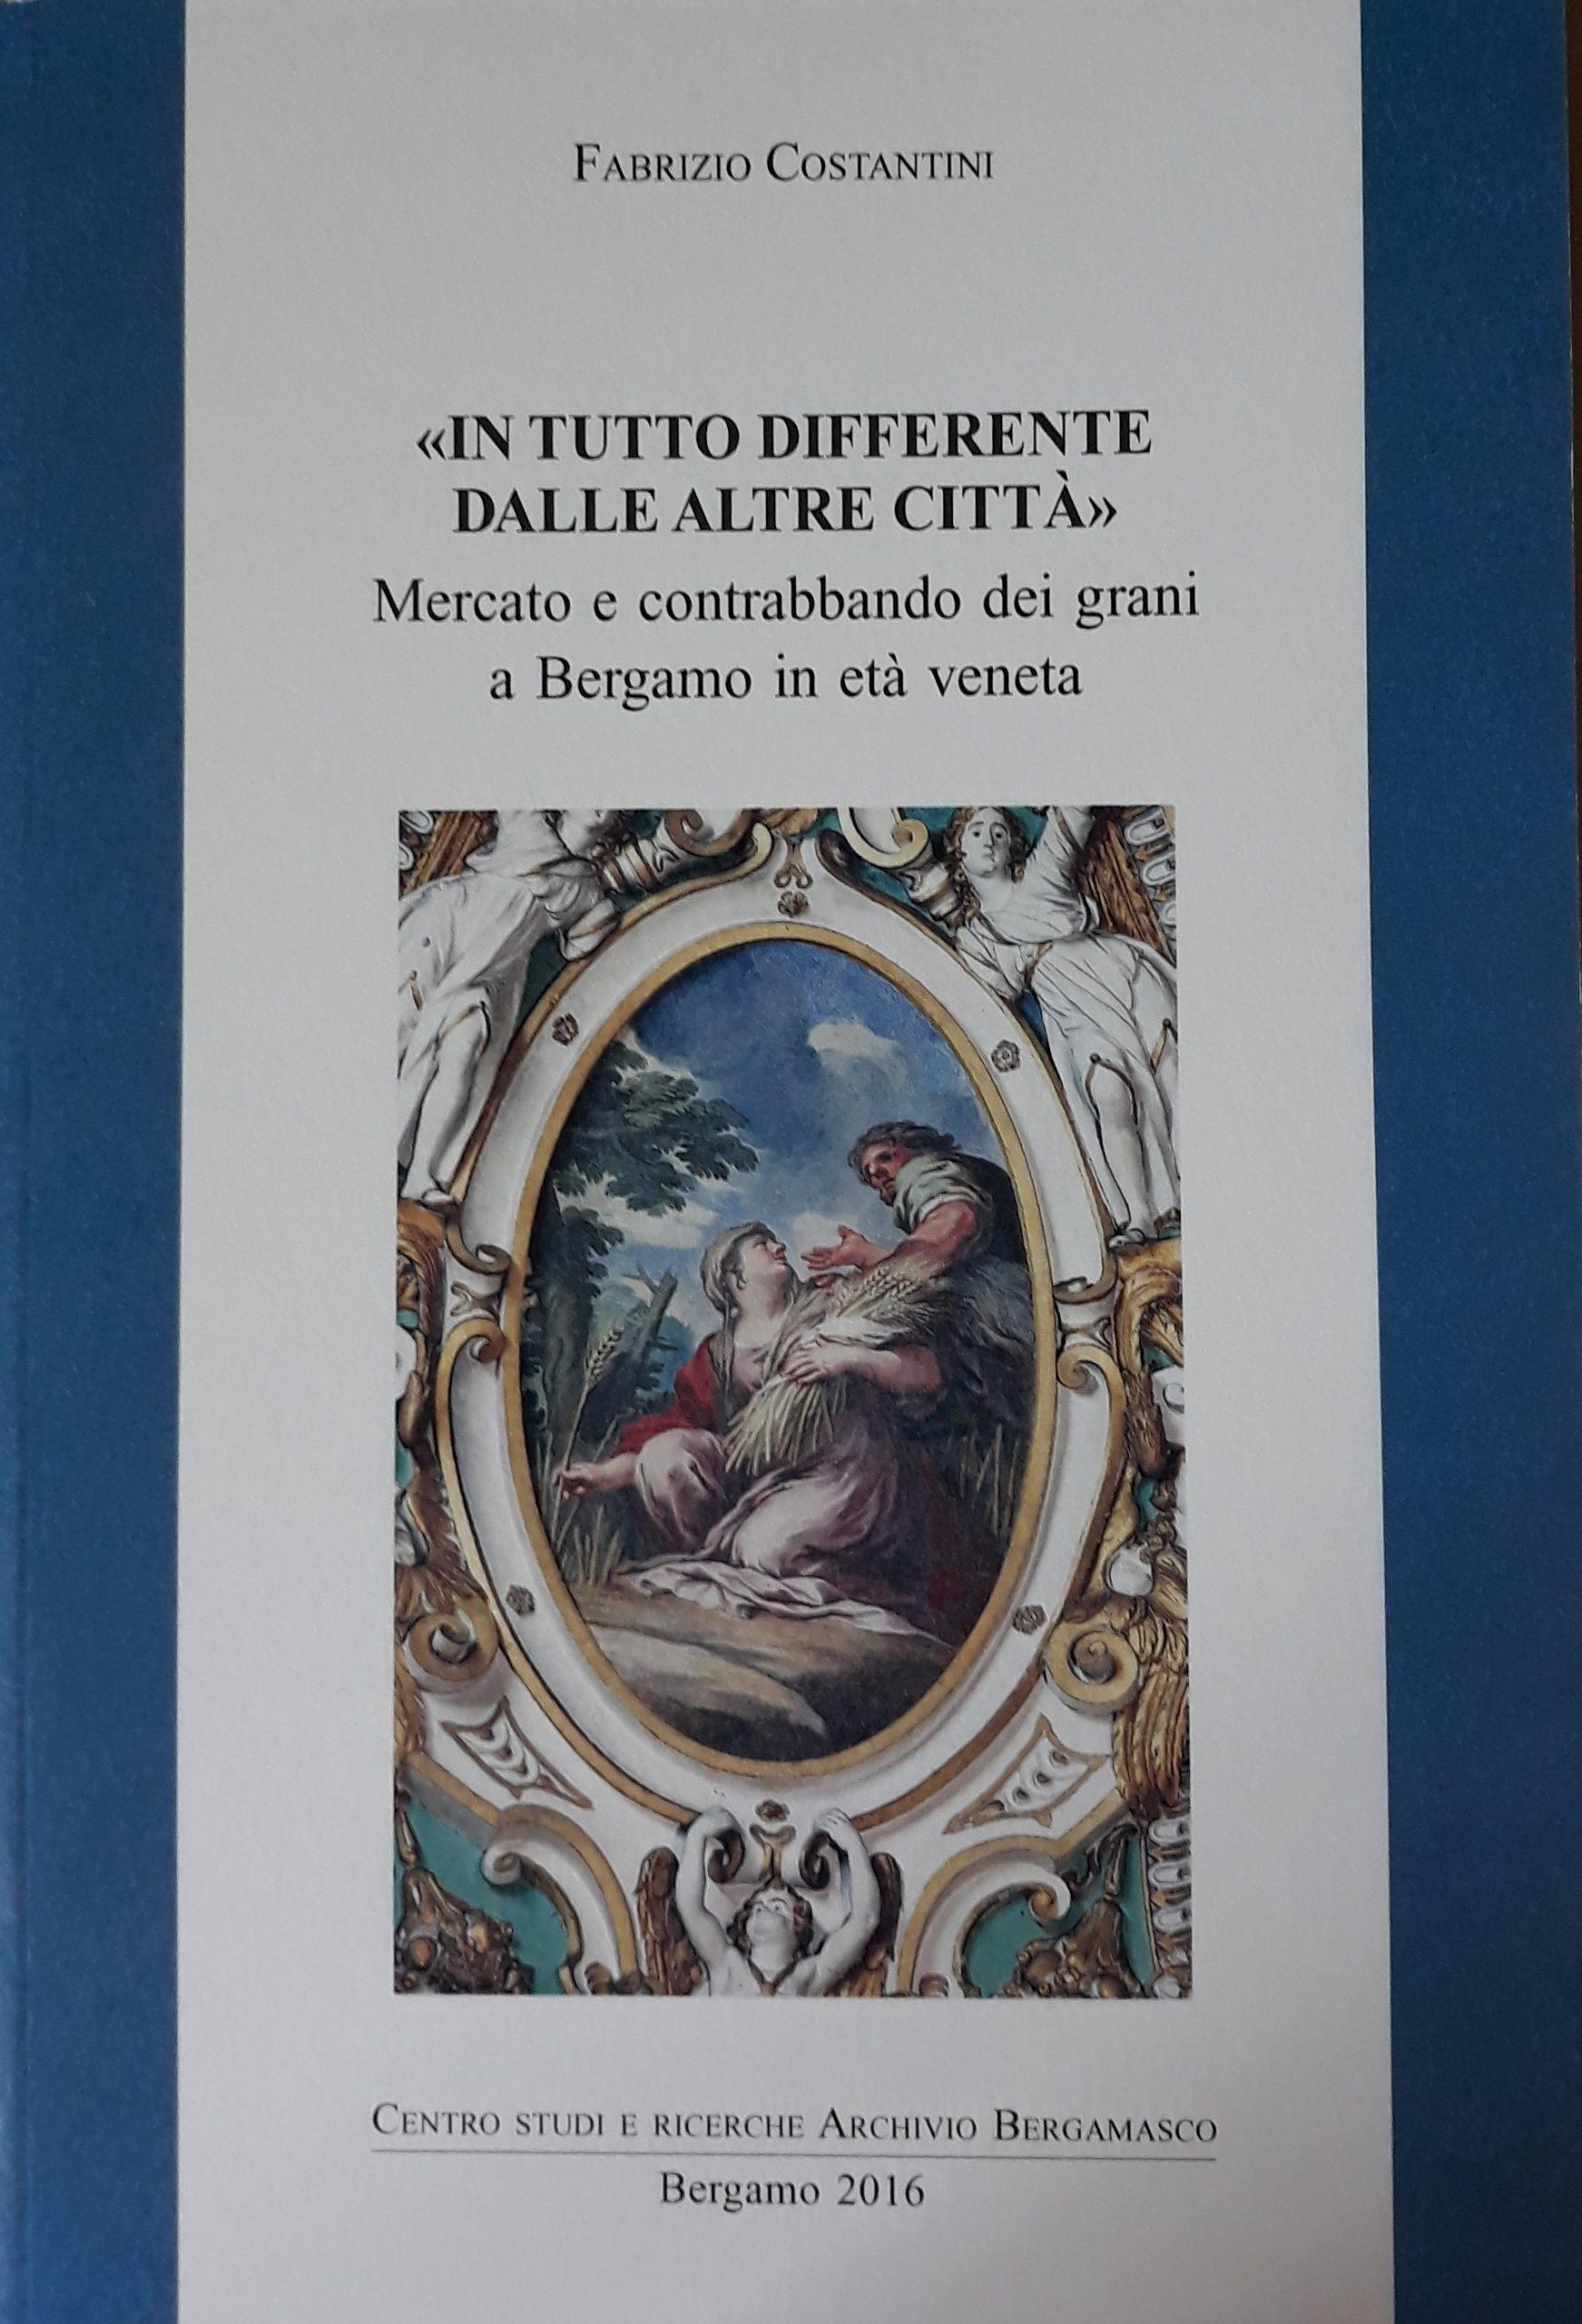 Mercato e contrabbando dei grani a Bergamo in età veneta